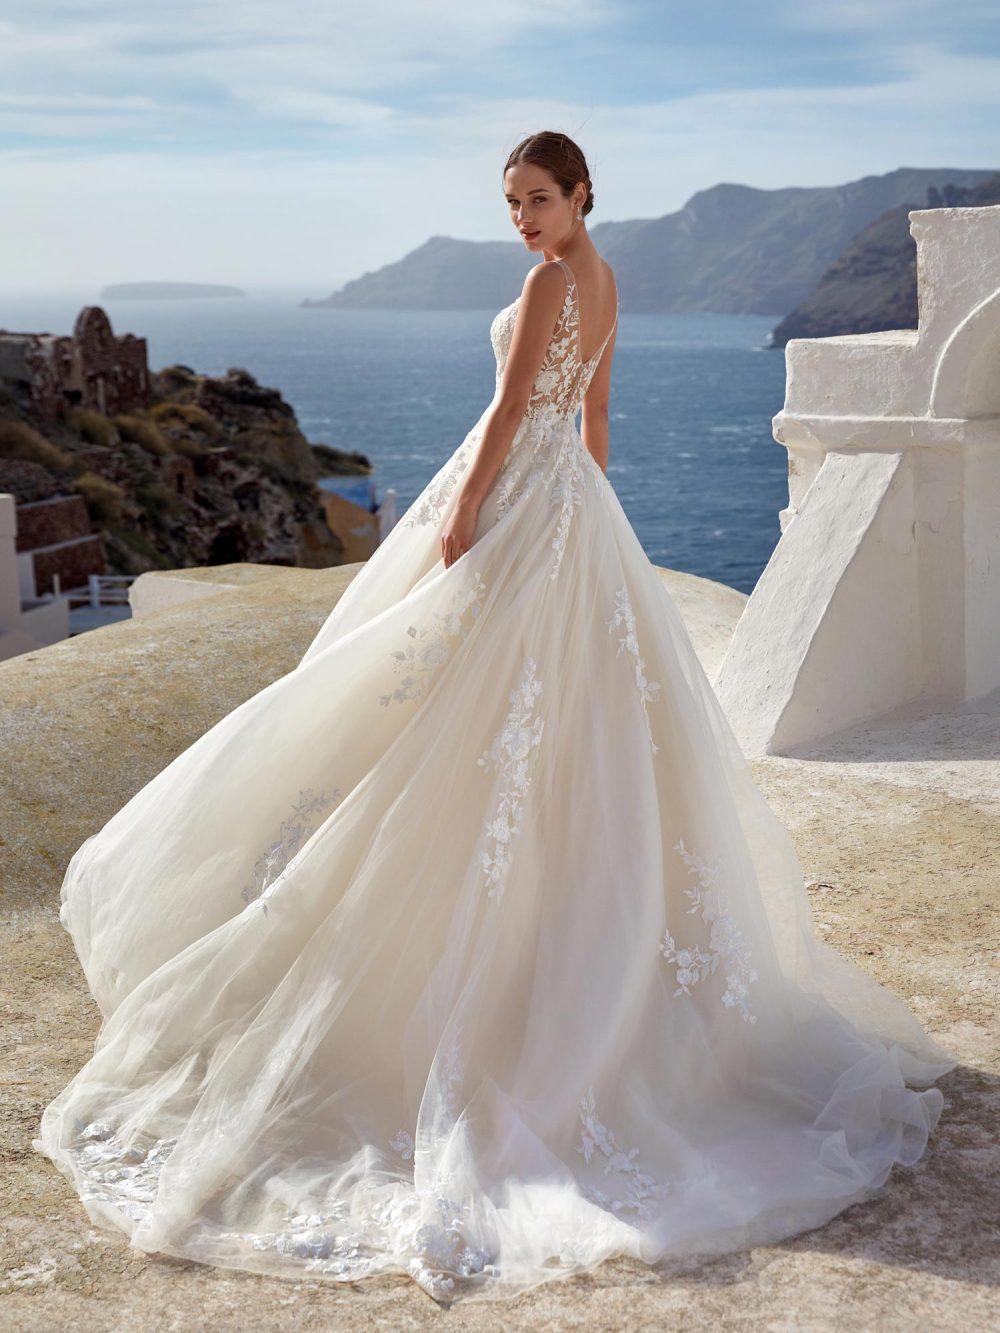 Jolies 2022 abito vestito sposa Vicenza AZORES